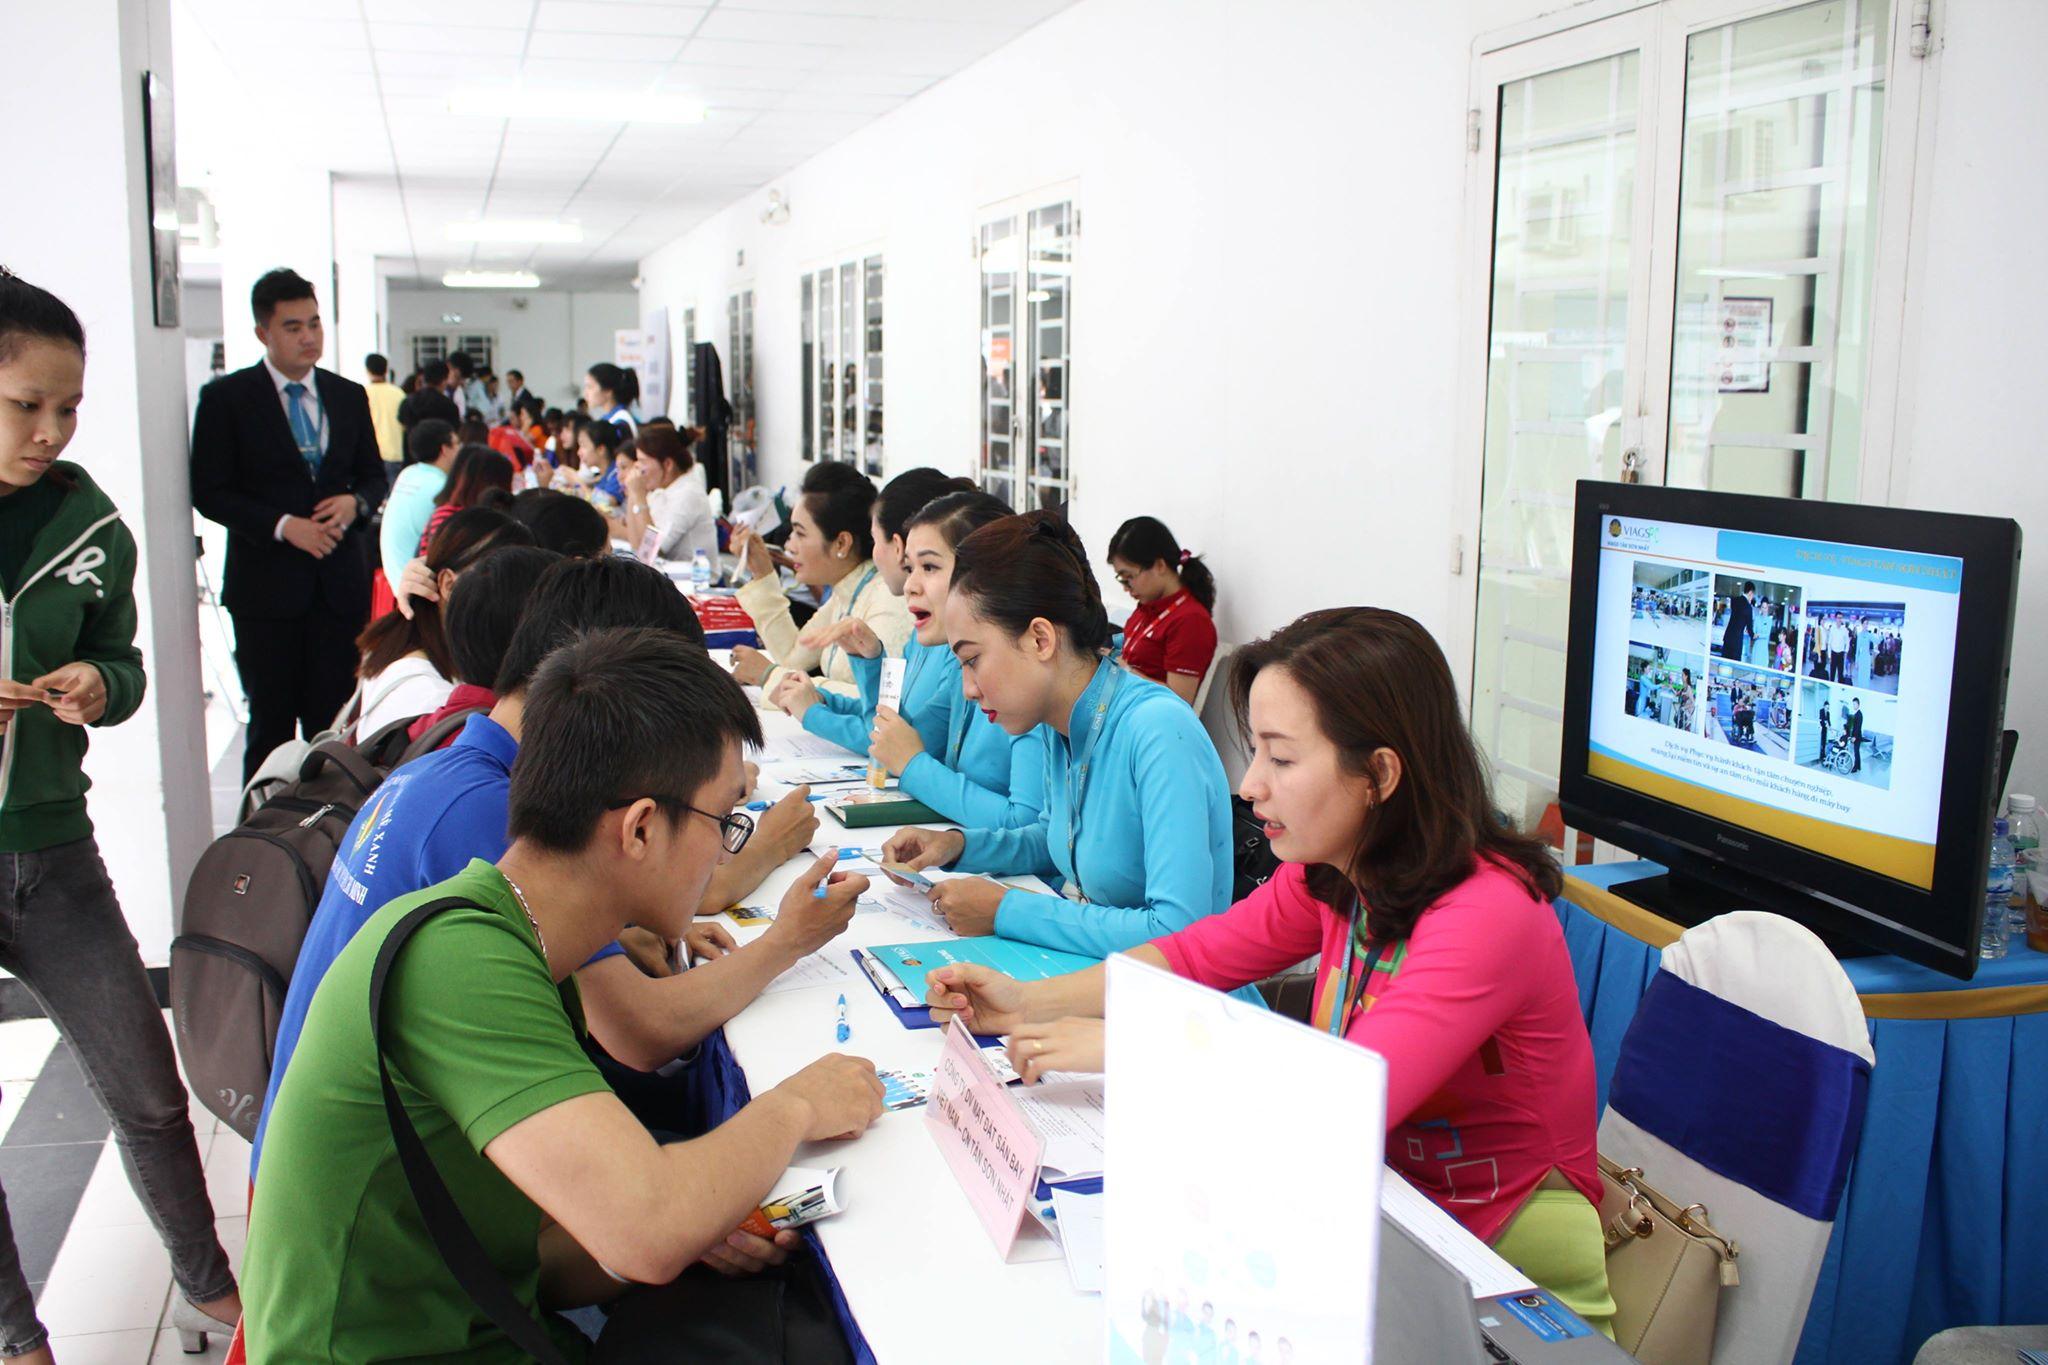 Báo chí, truyền hình đưa tin về Ngày hội nghề nghiệp 2018 của Trường Đại học Mơt Tp.HCM